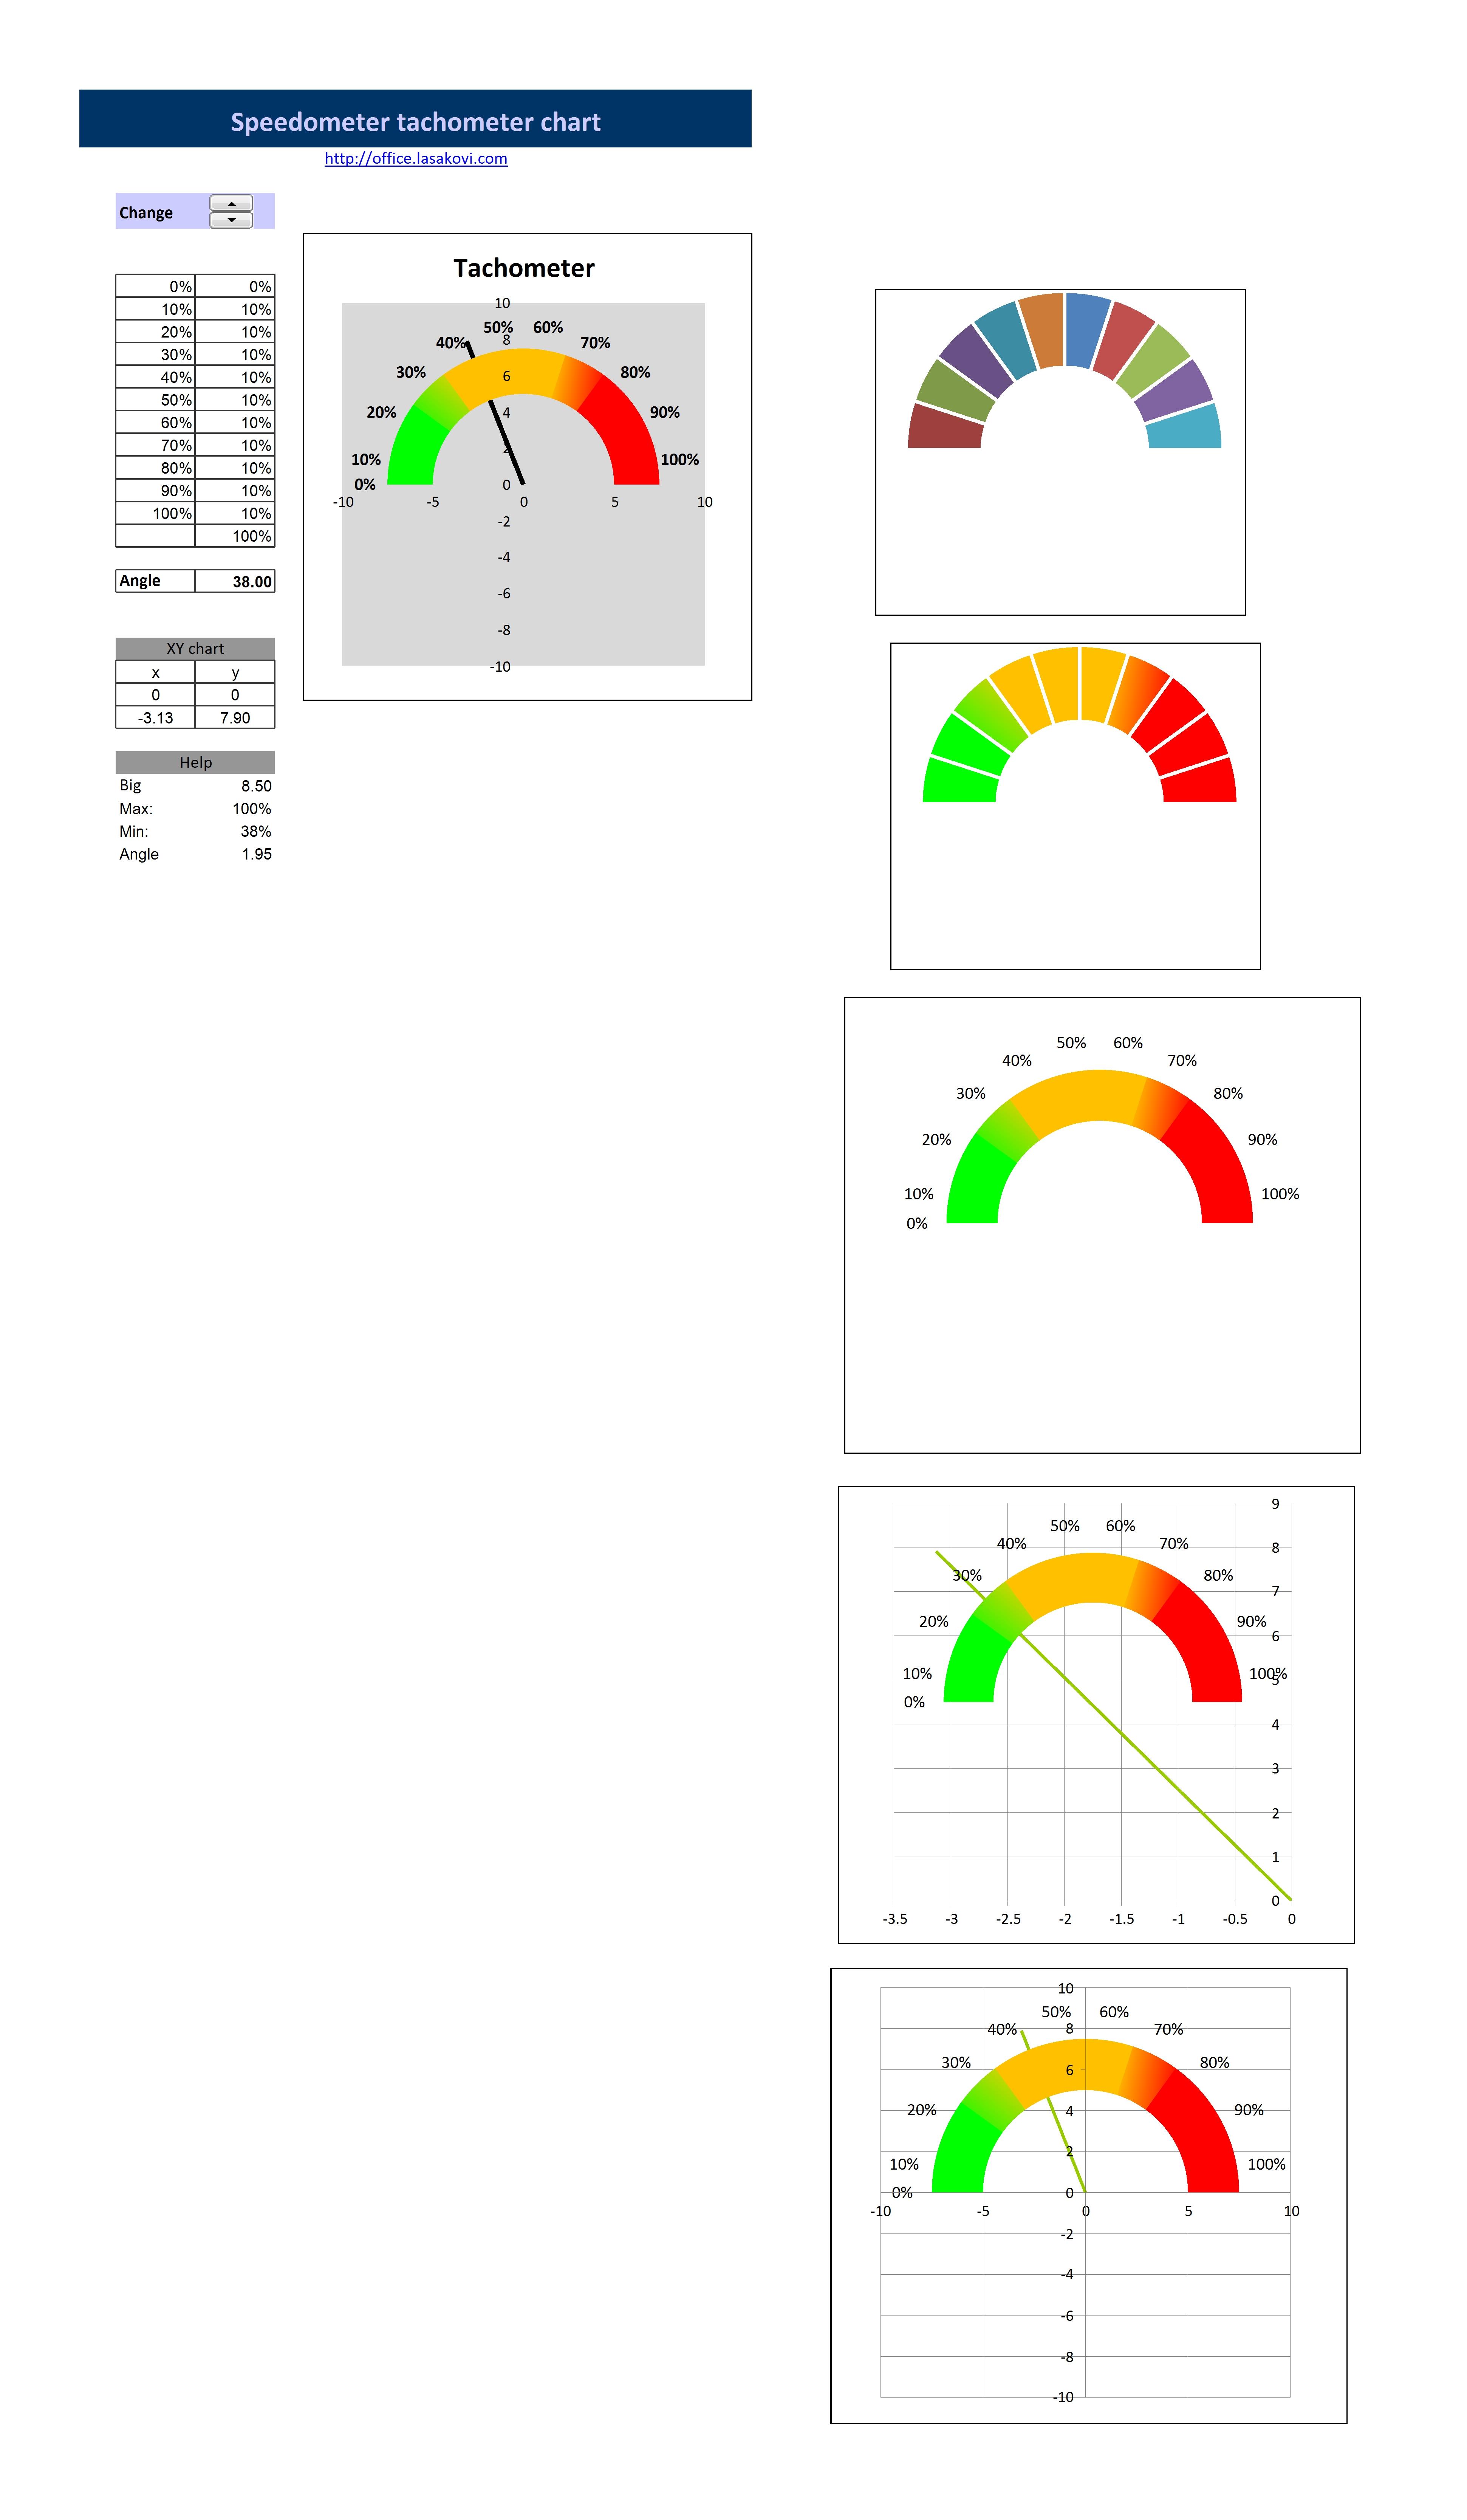 speedometer tachometer chart example